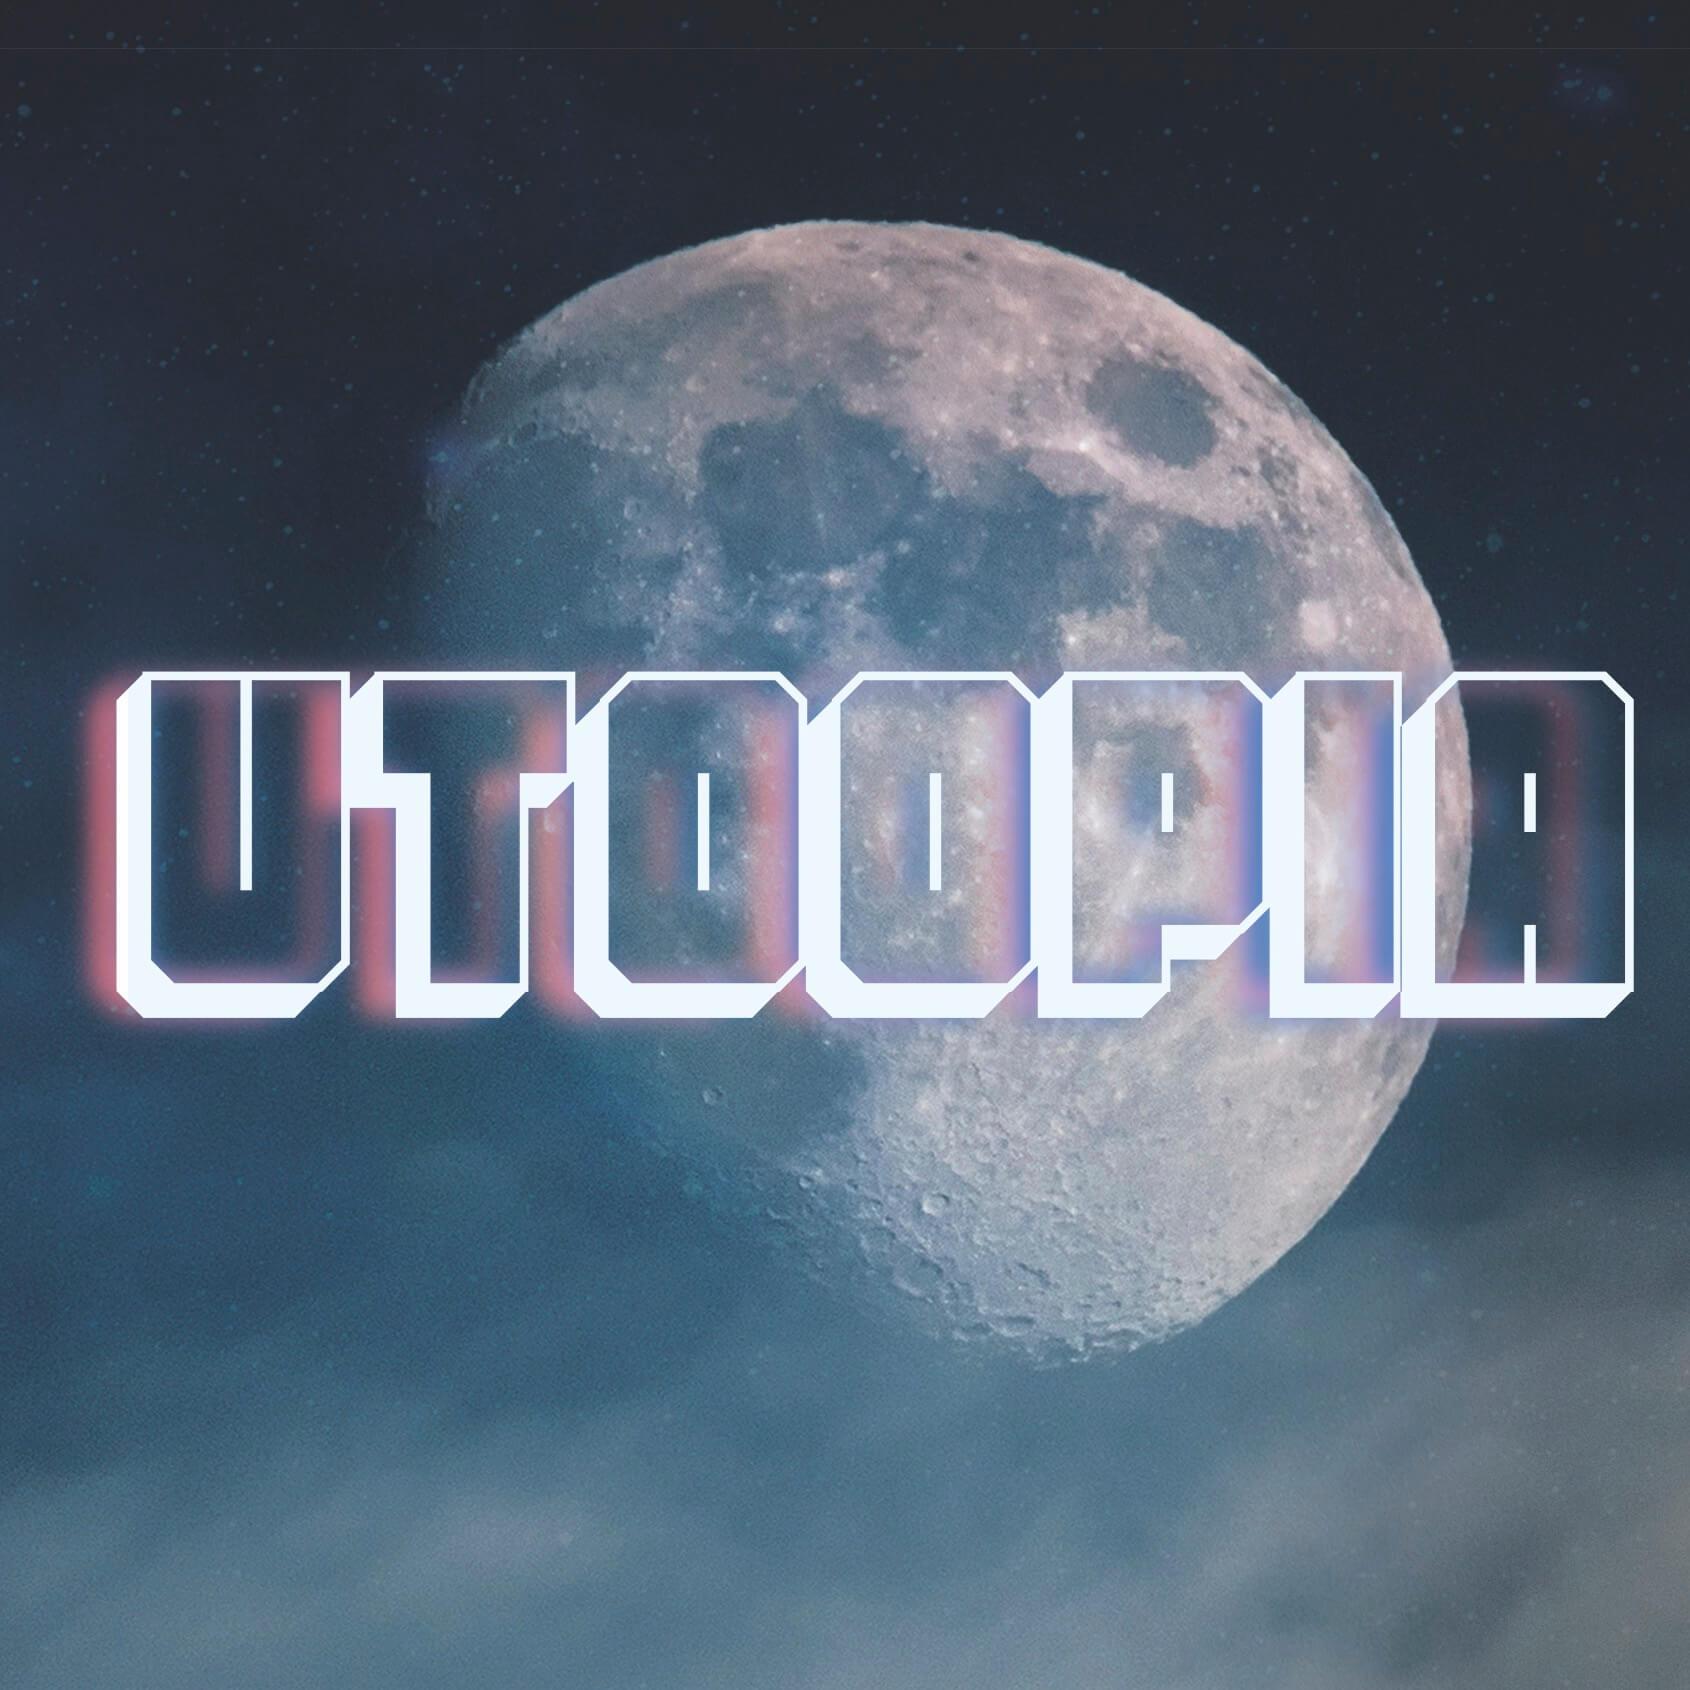 Utoopia